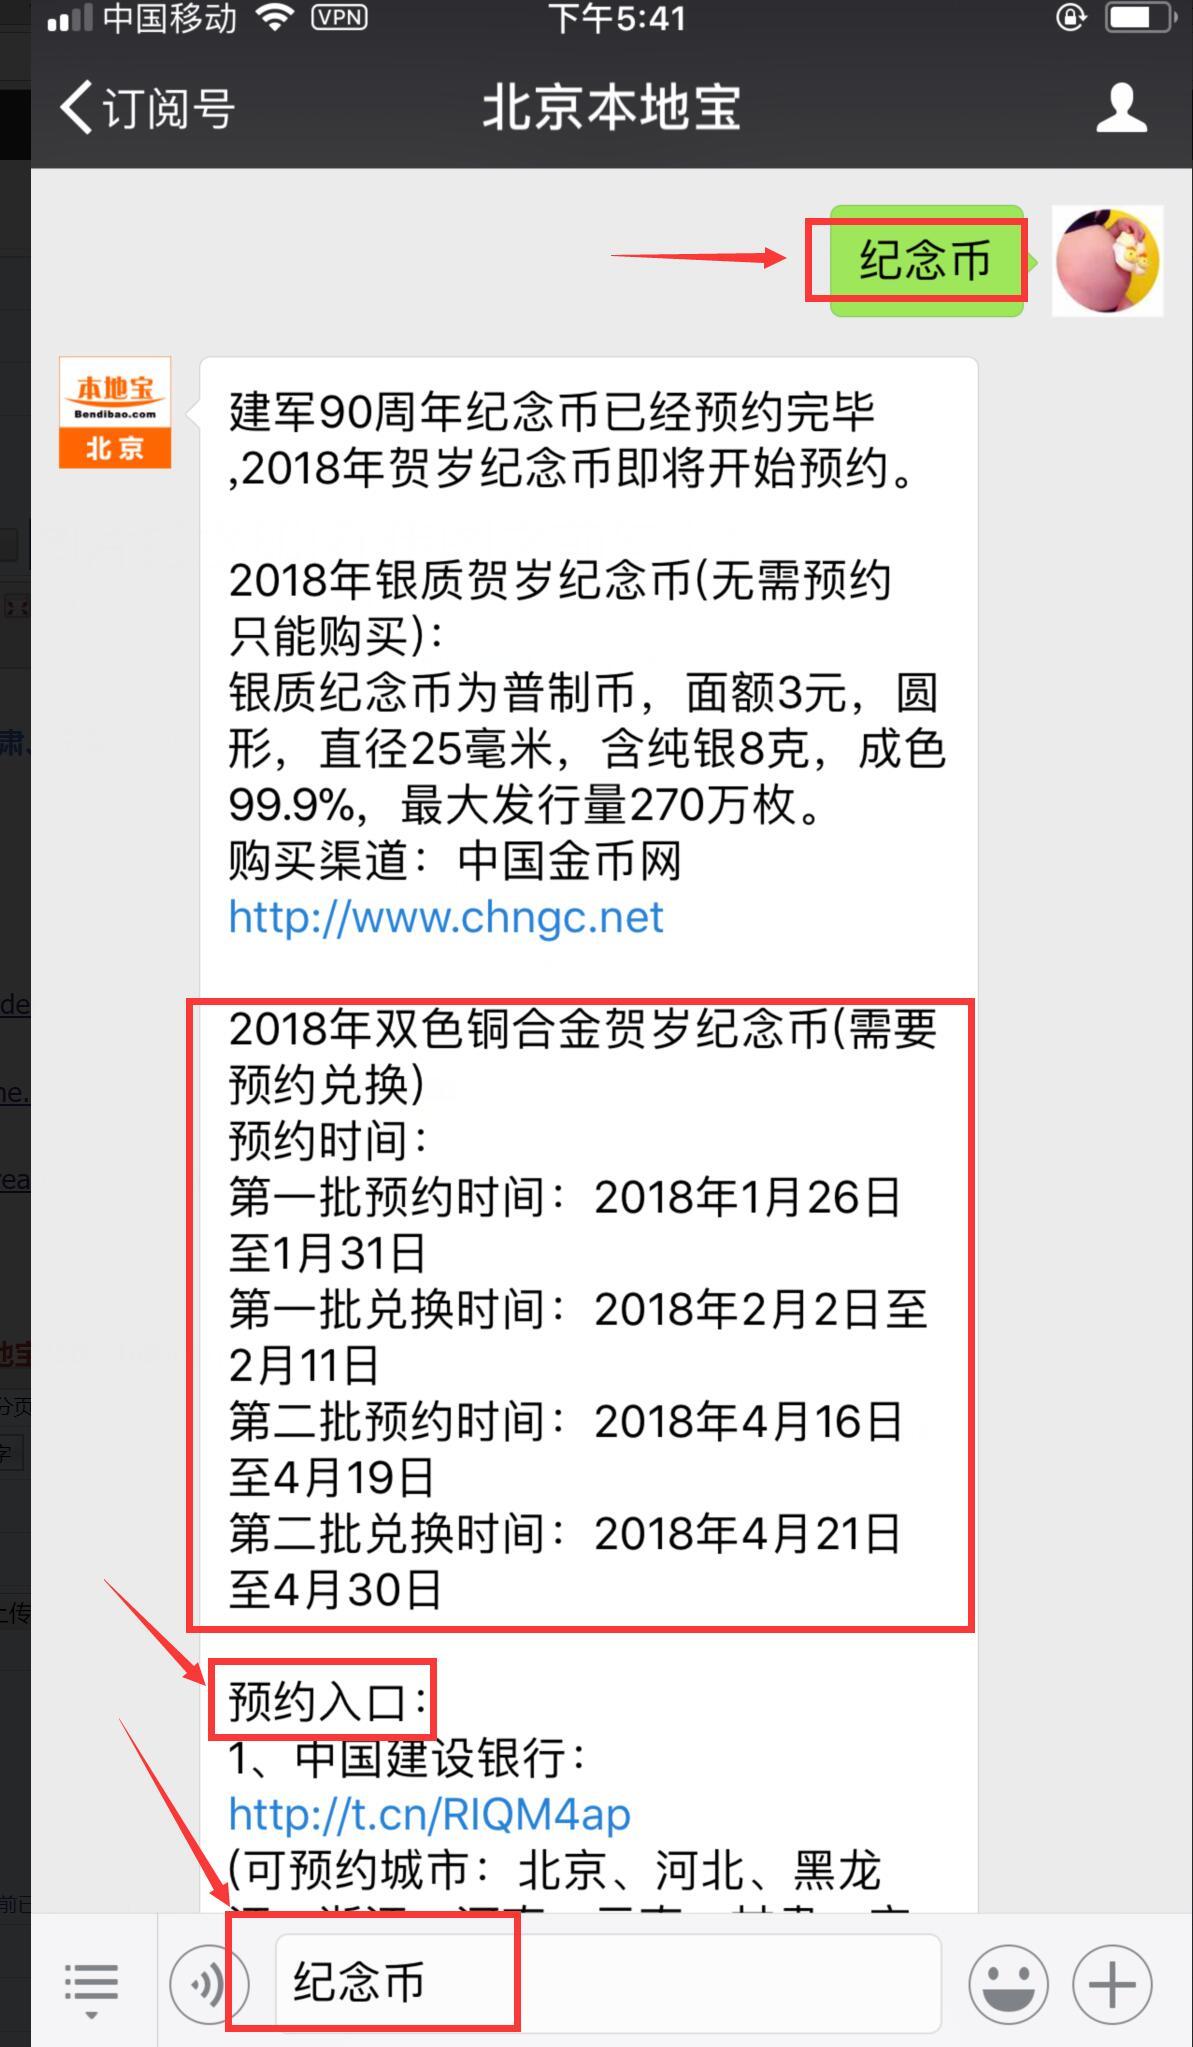 2018年狗年纪念币预约时间怎么预约(网上预约+微